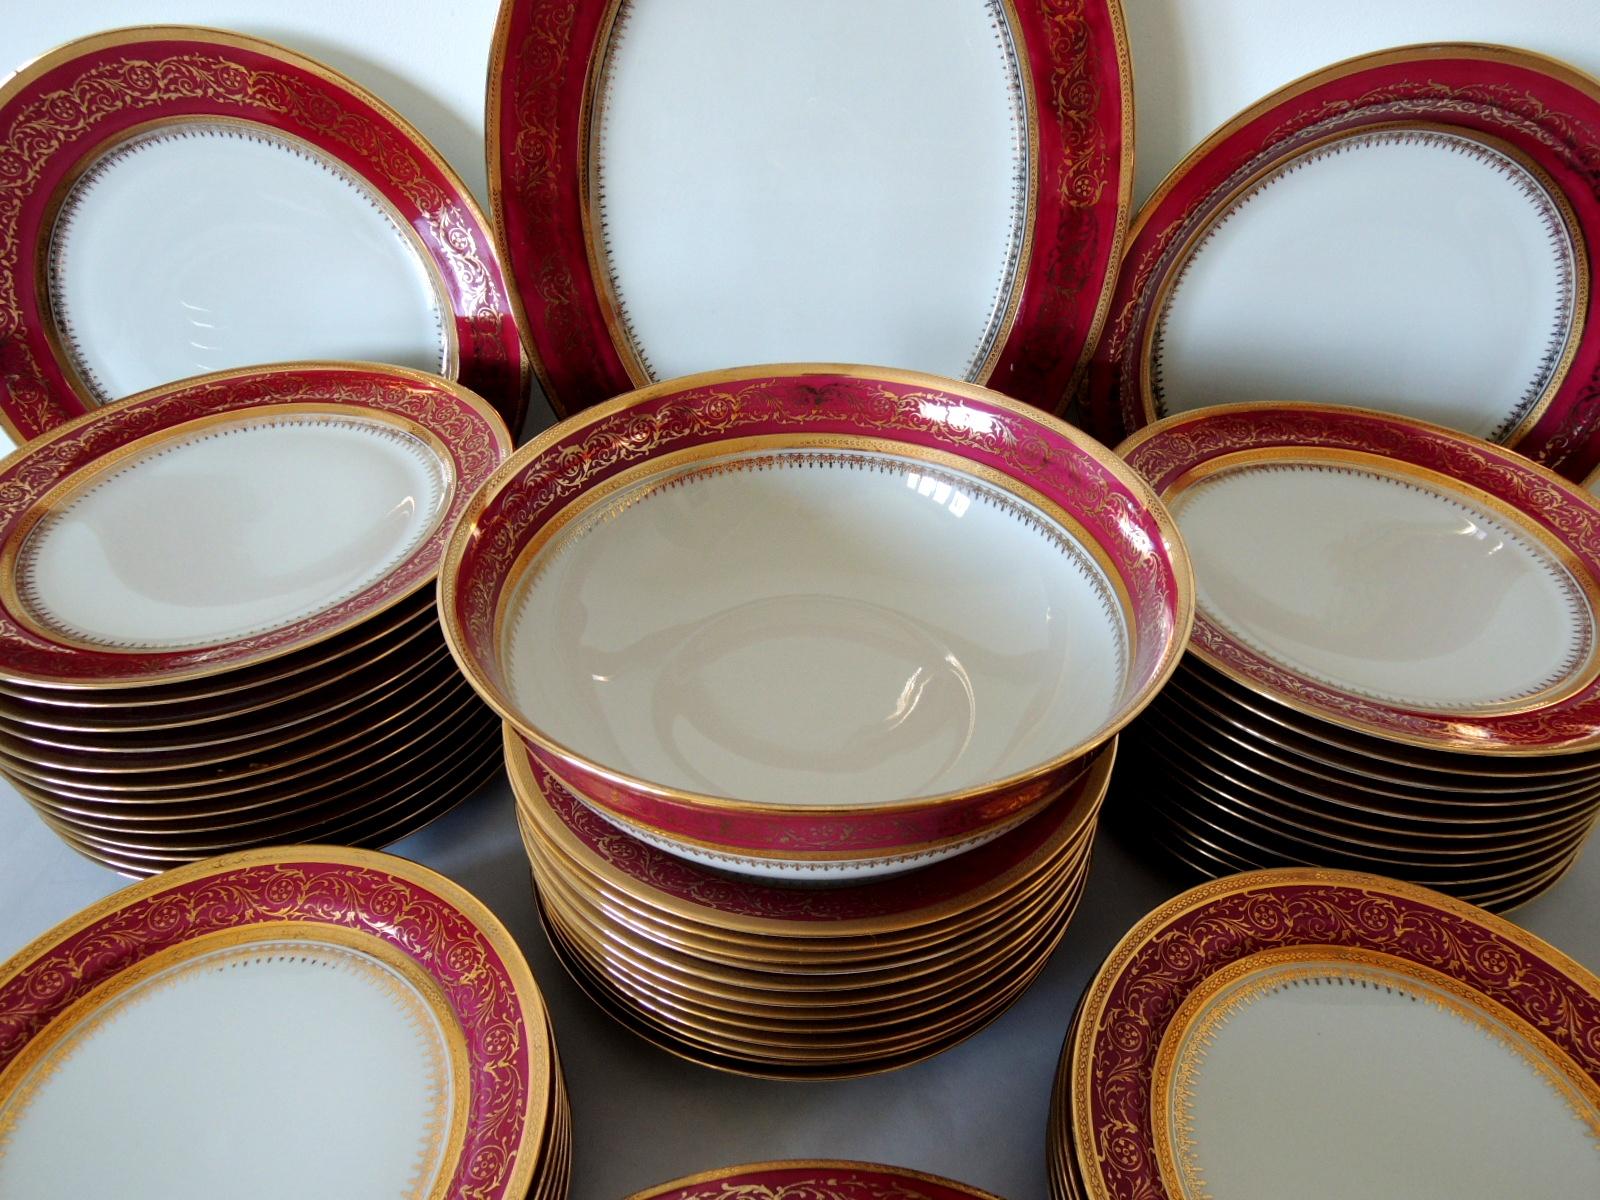 Service de table limoges ahrenfeldt porcelaine - Service de table en porcelaine ...